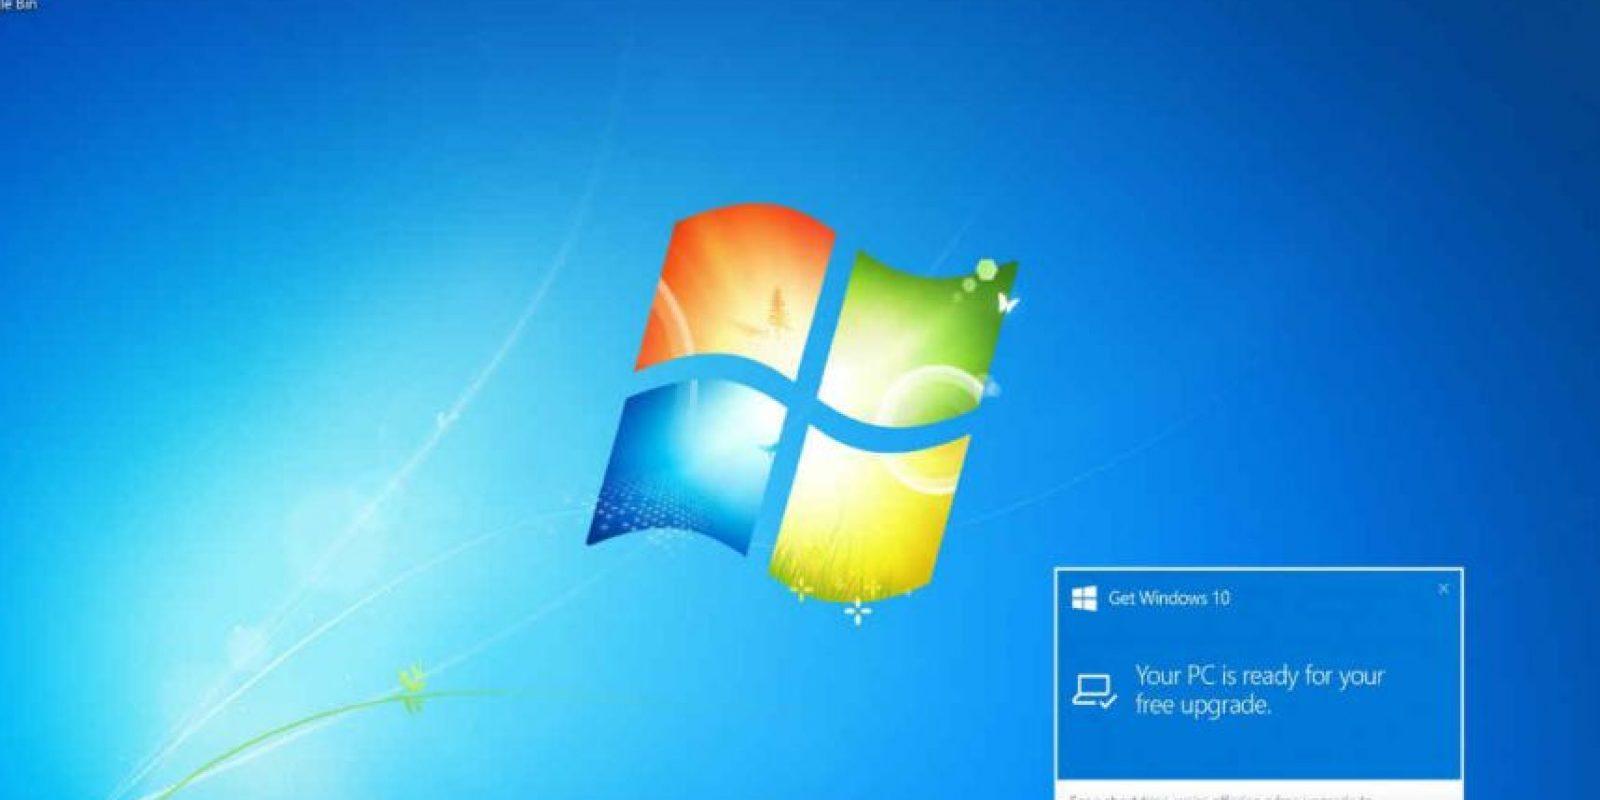 Windows 10 es el más reciente sistema operativo de Microsoft. Foto:Windows 10